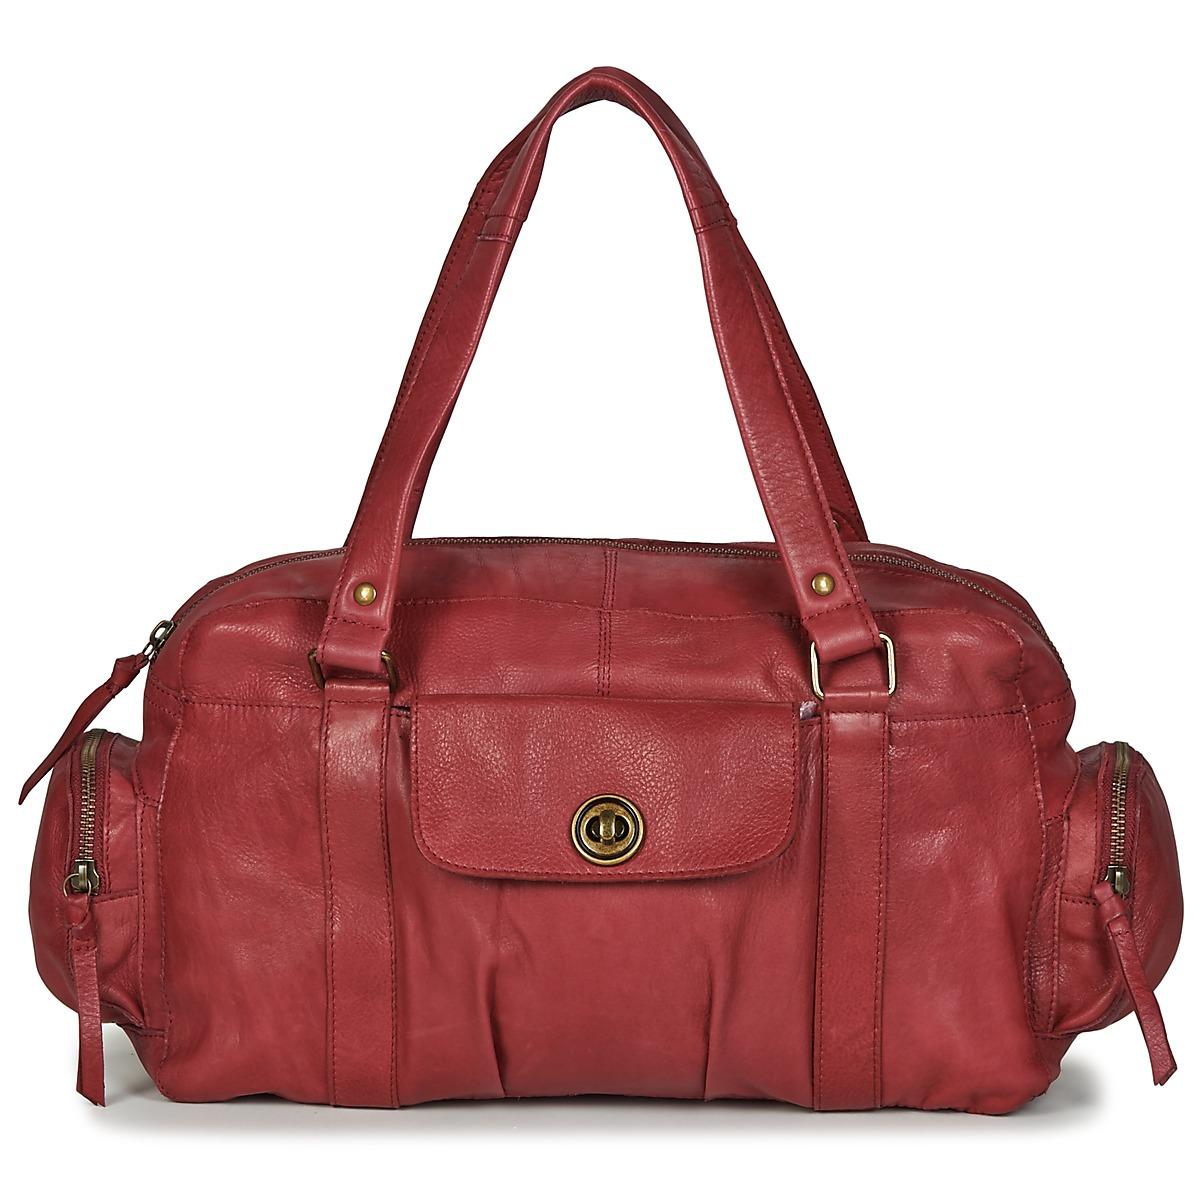 Borsa a spalla donna Pieces  PCTOTALLY SMALL  Rosso Pieces 5712062490297